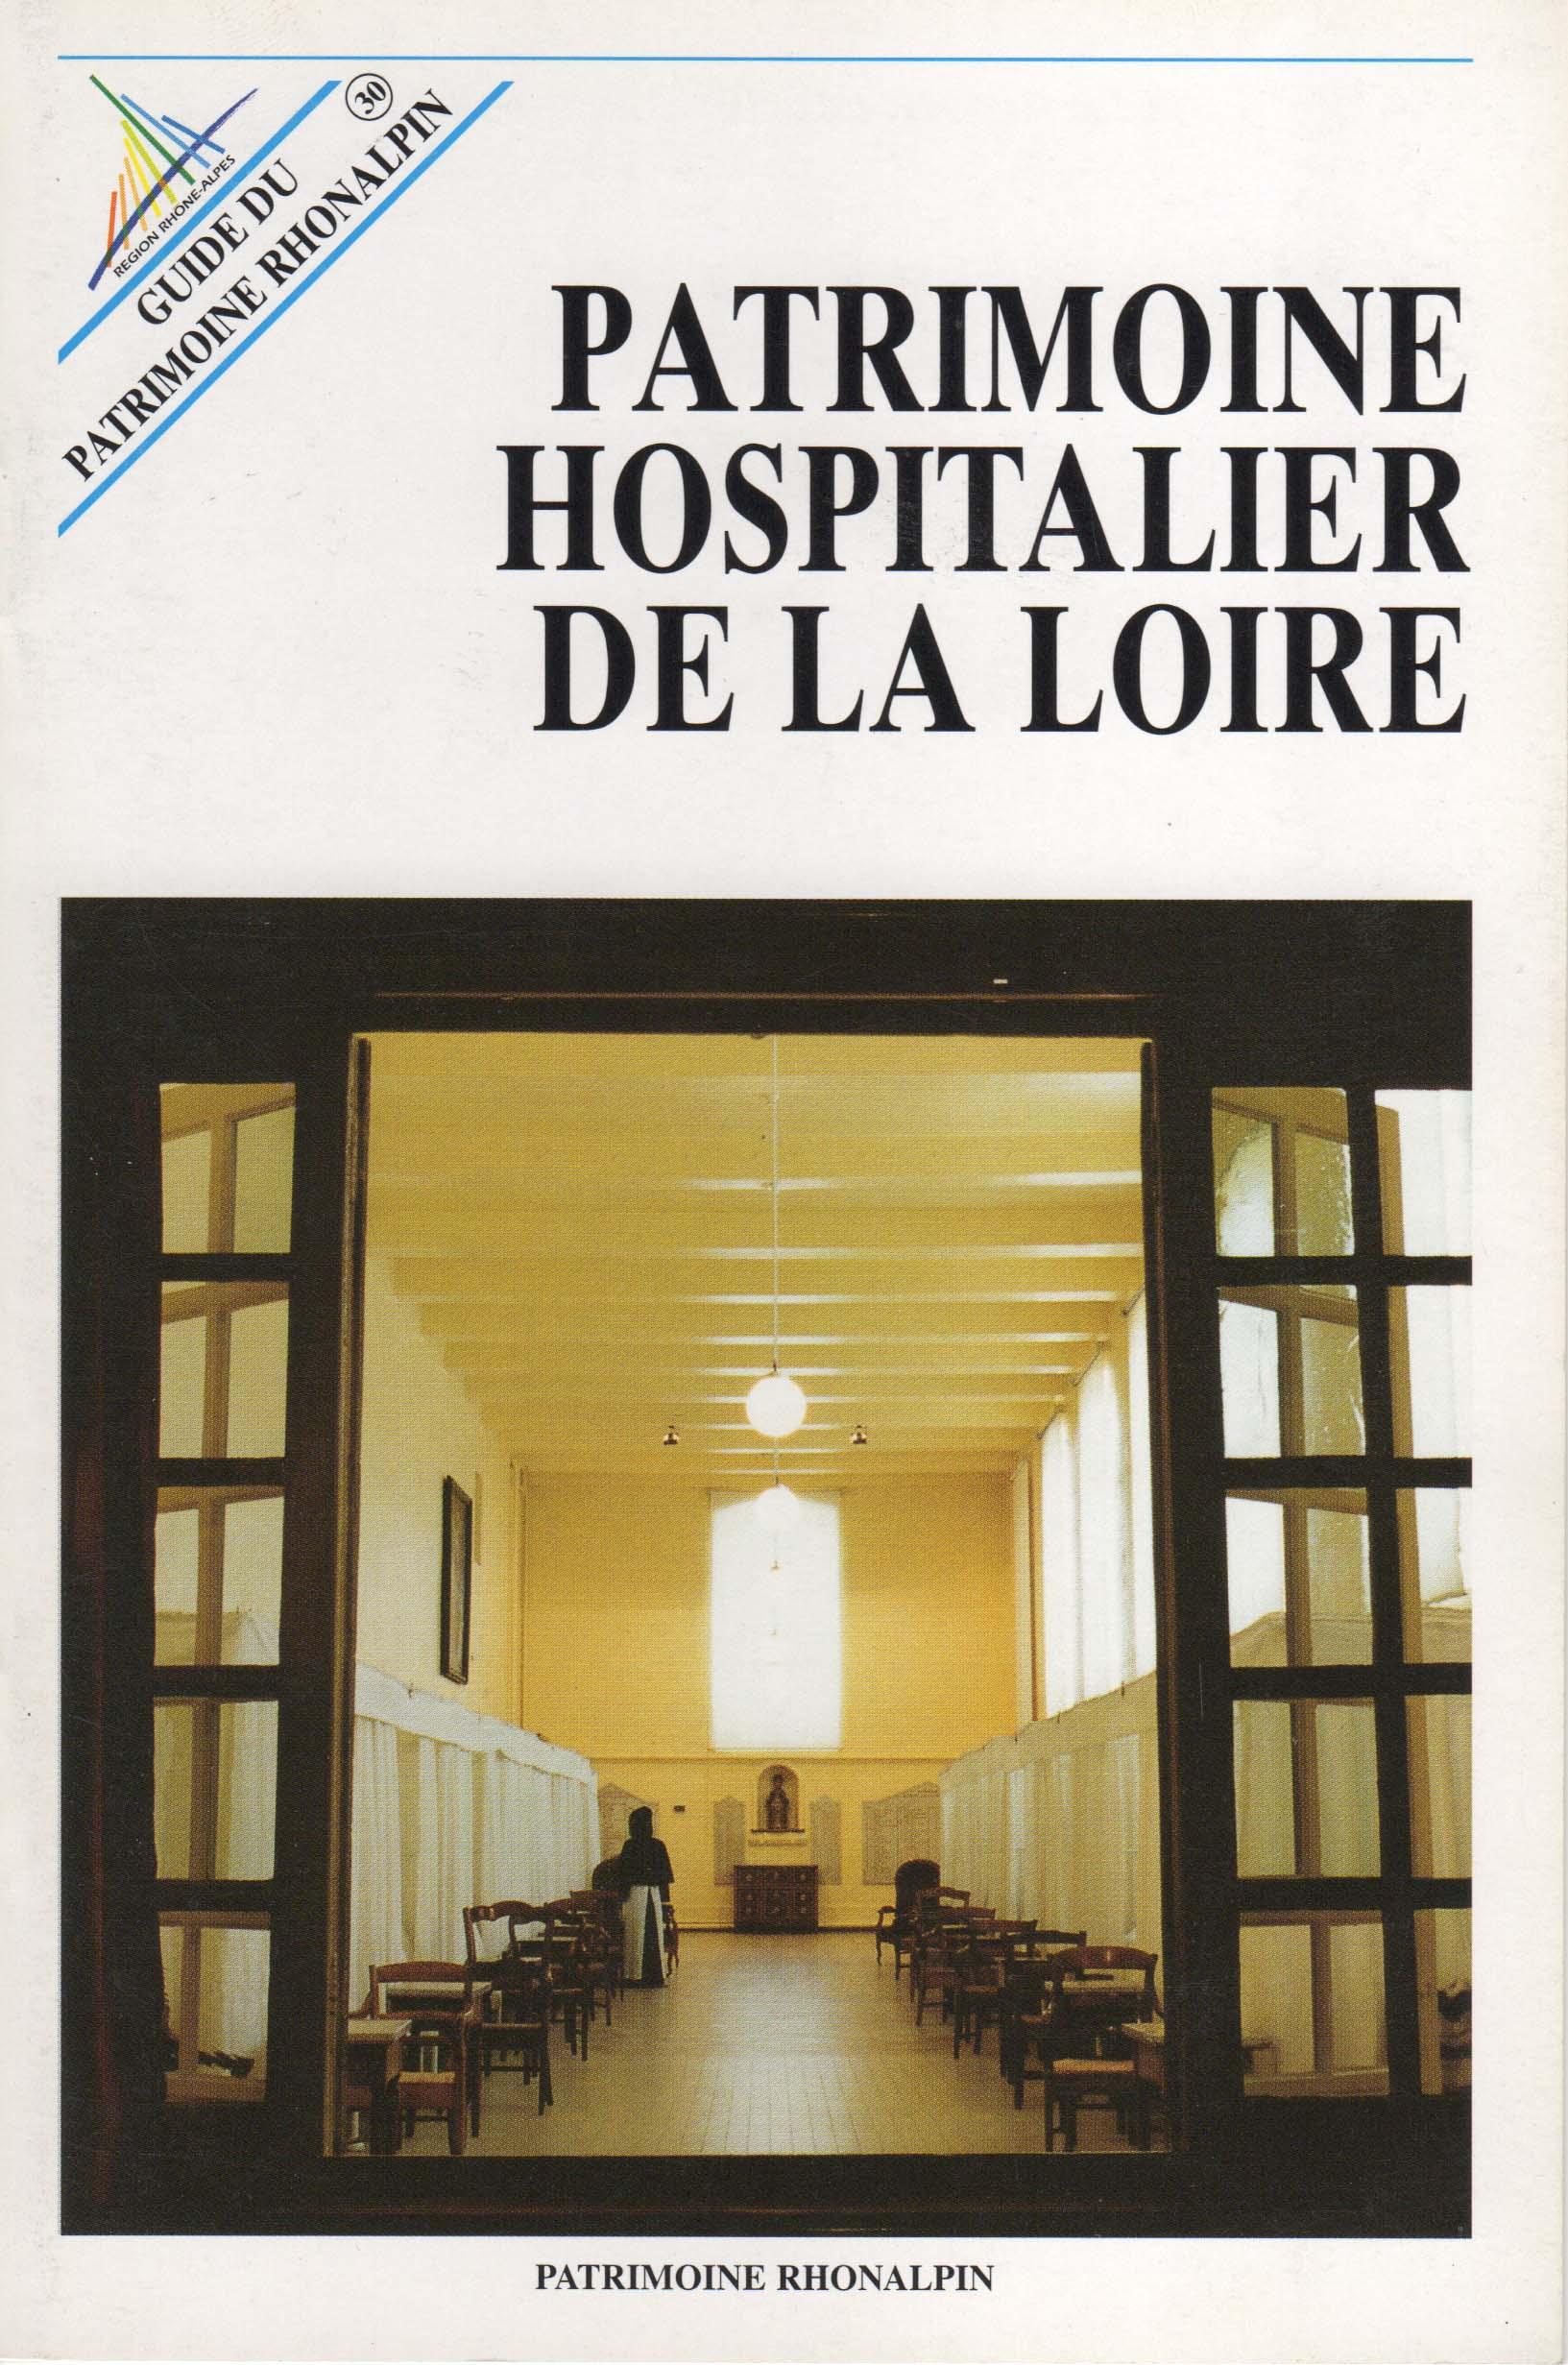 Guide n°30 – Patrimoine hospitalier de la Loire